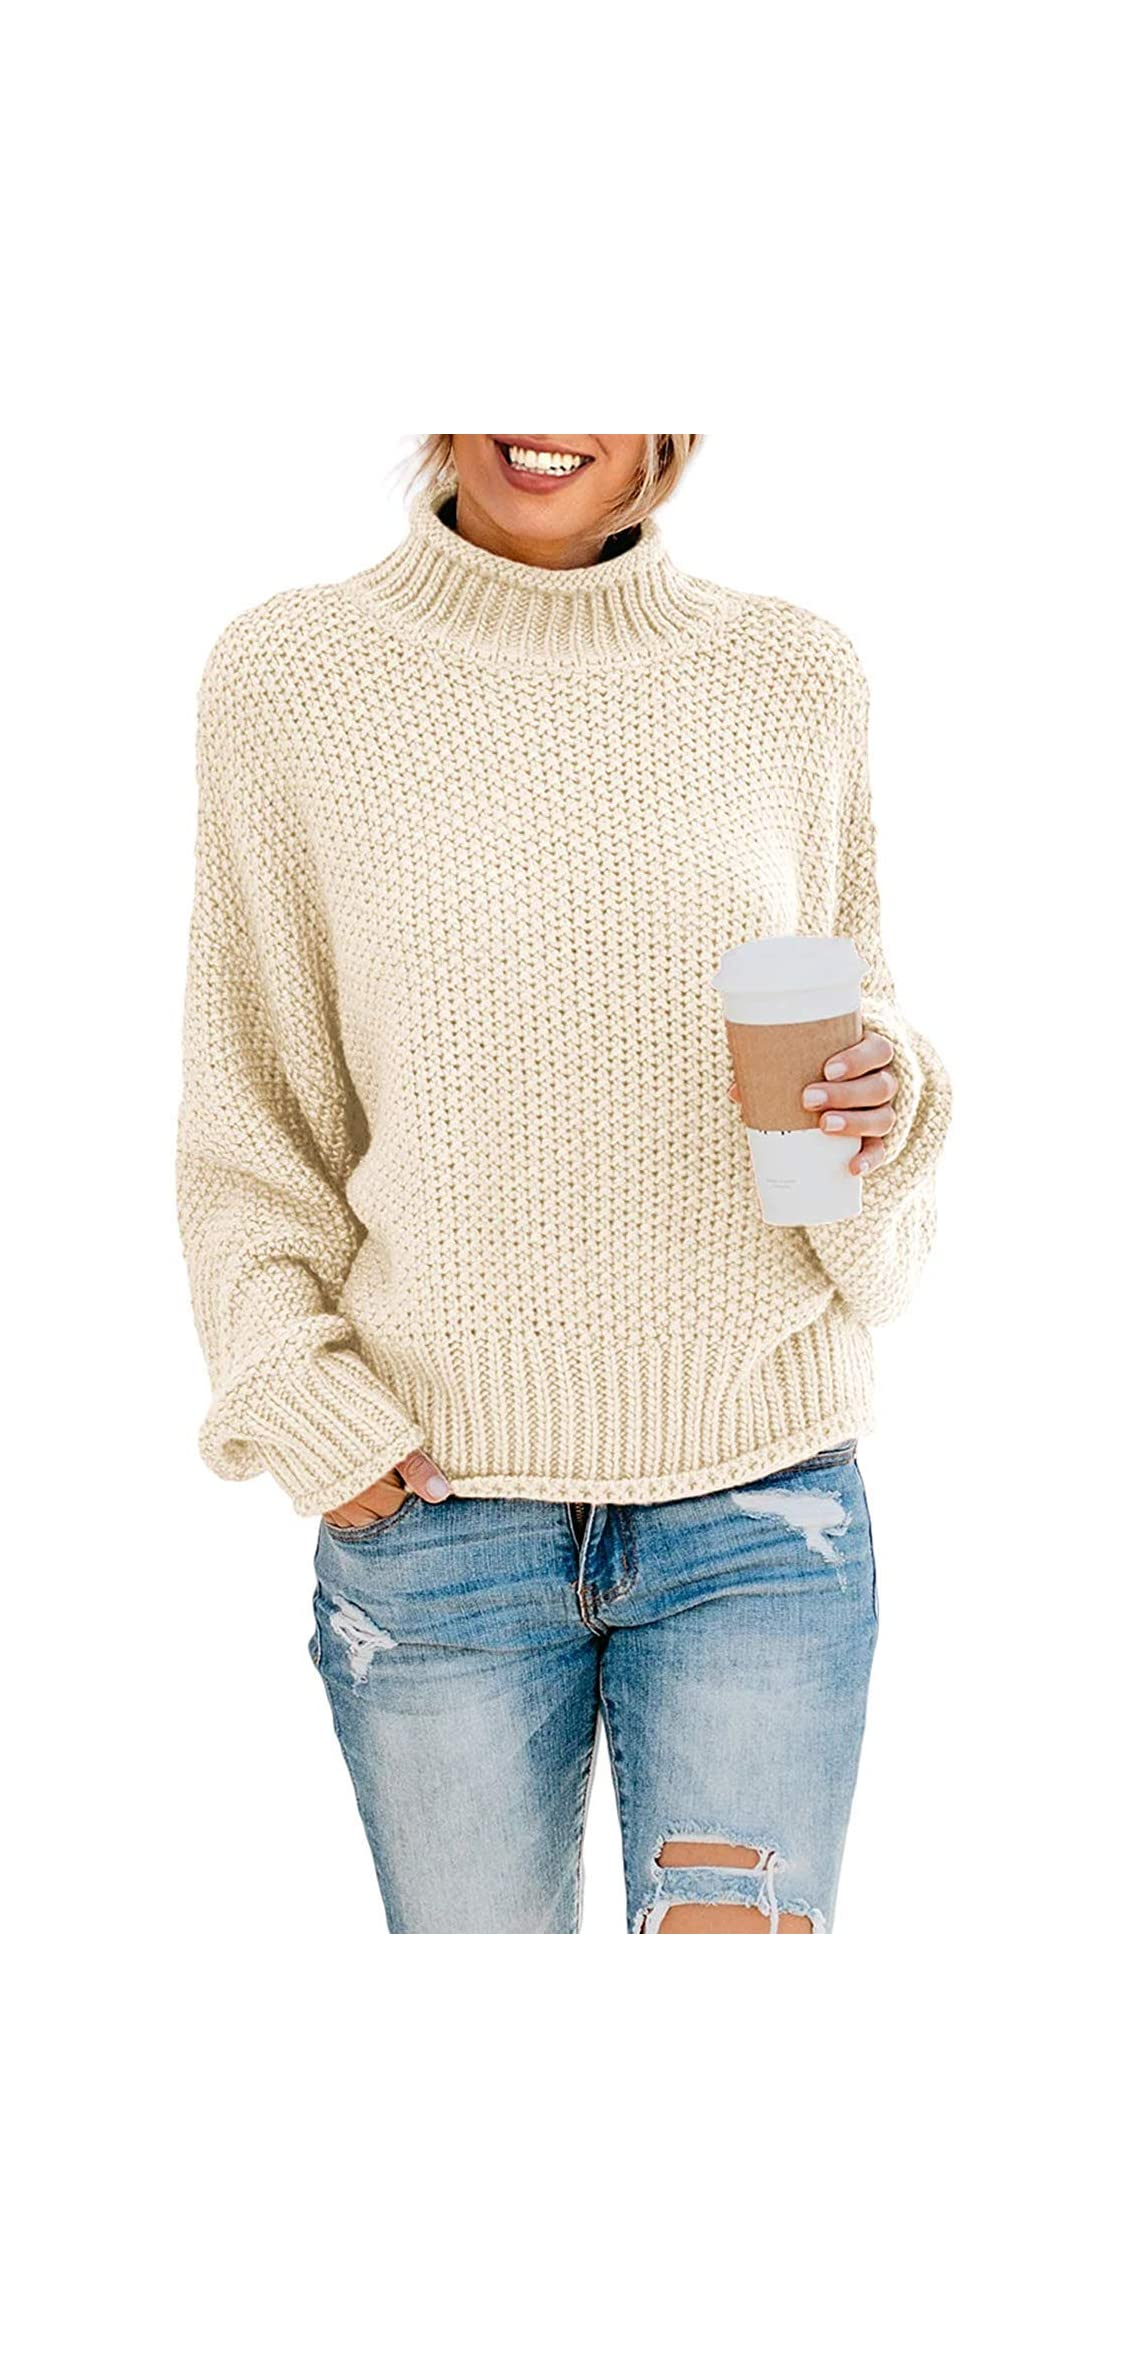 Women's Turtleneck Sweaters Long Batwing Sleeve Oversized